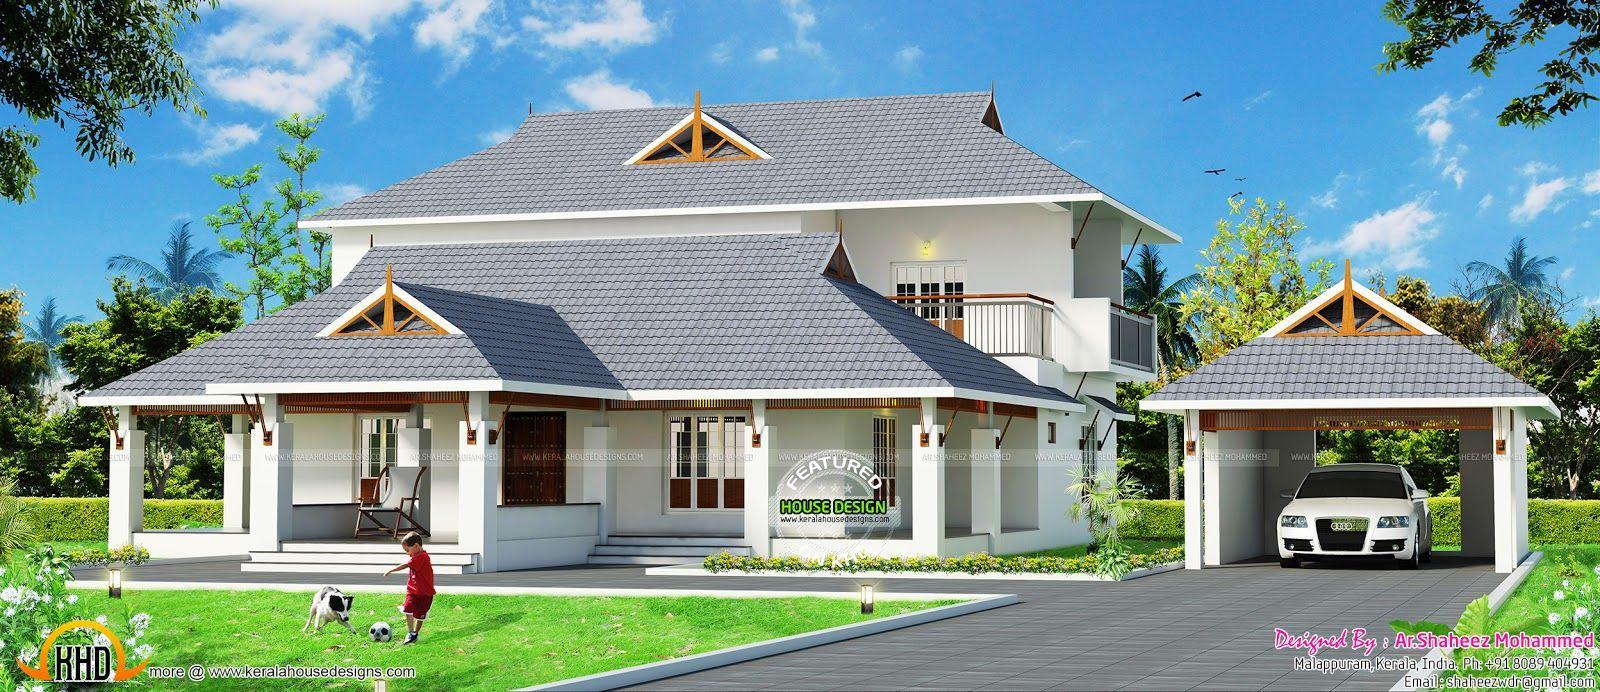 Beautiful Car Porch Design In Kerala #5: Image Result For Car Porch Kerala